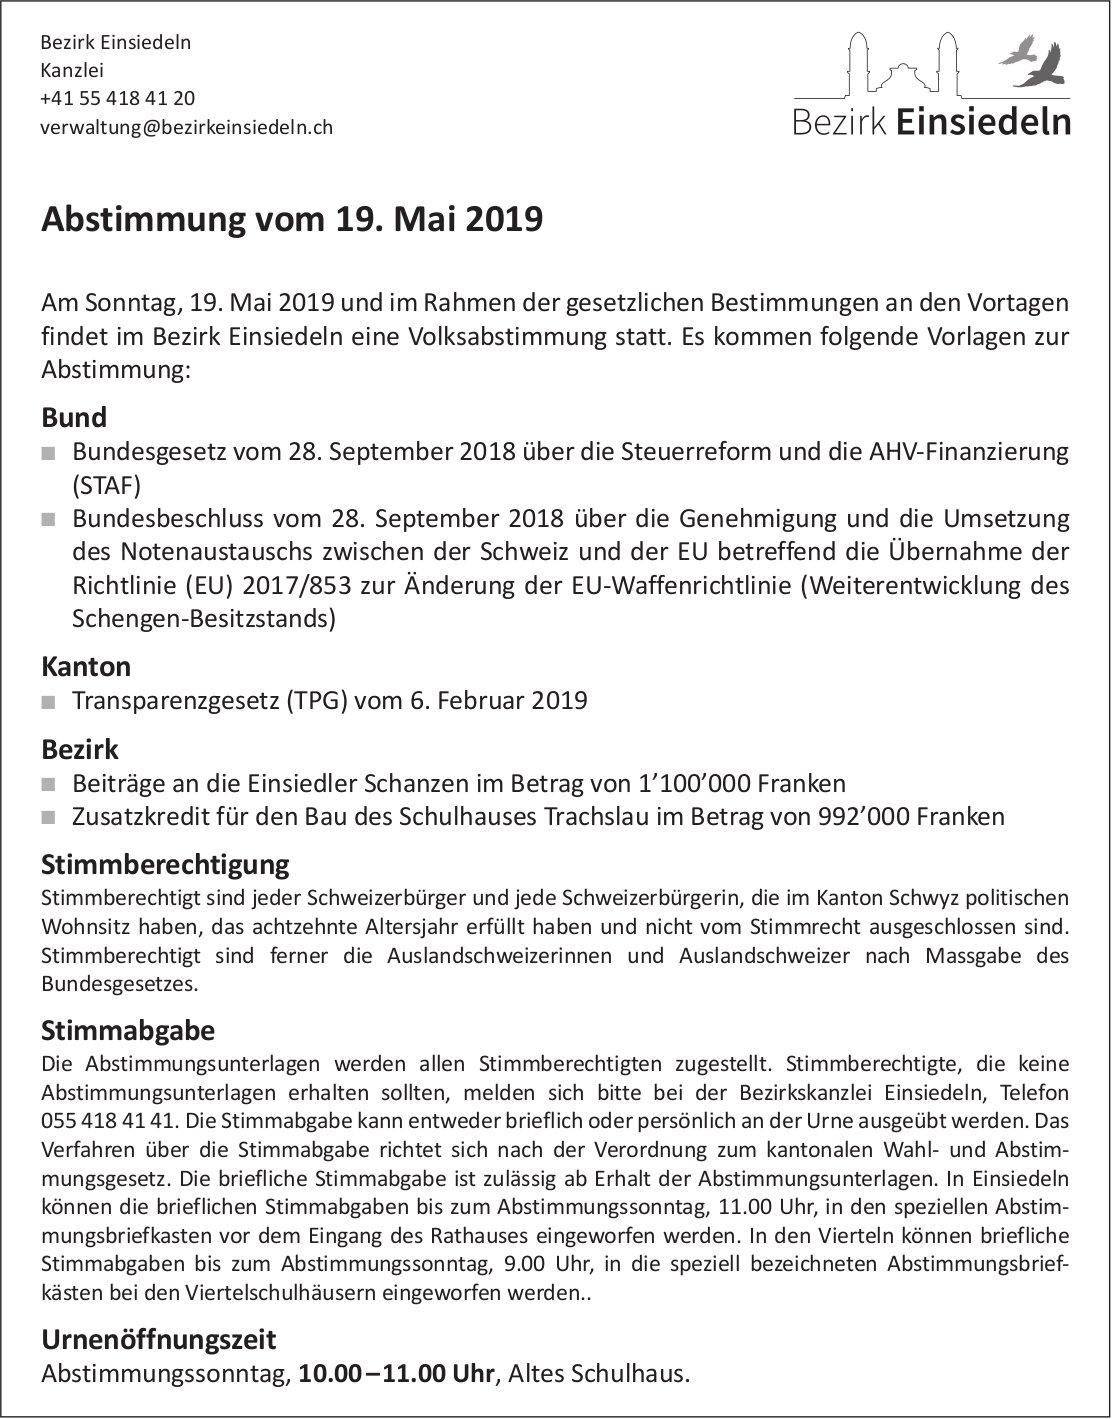 Bezirk Einsiedeln, Abstimmung vom 19. Mai